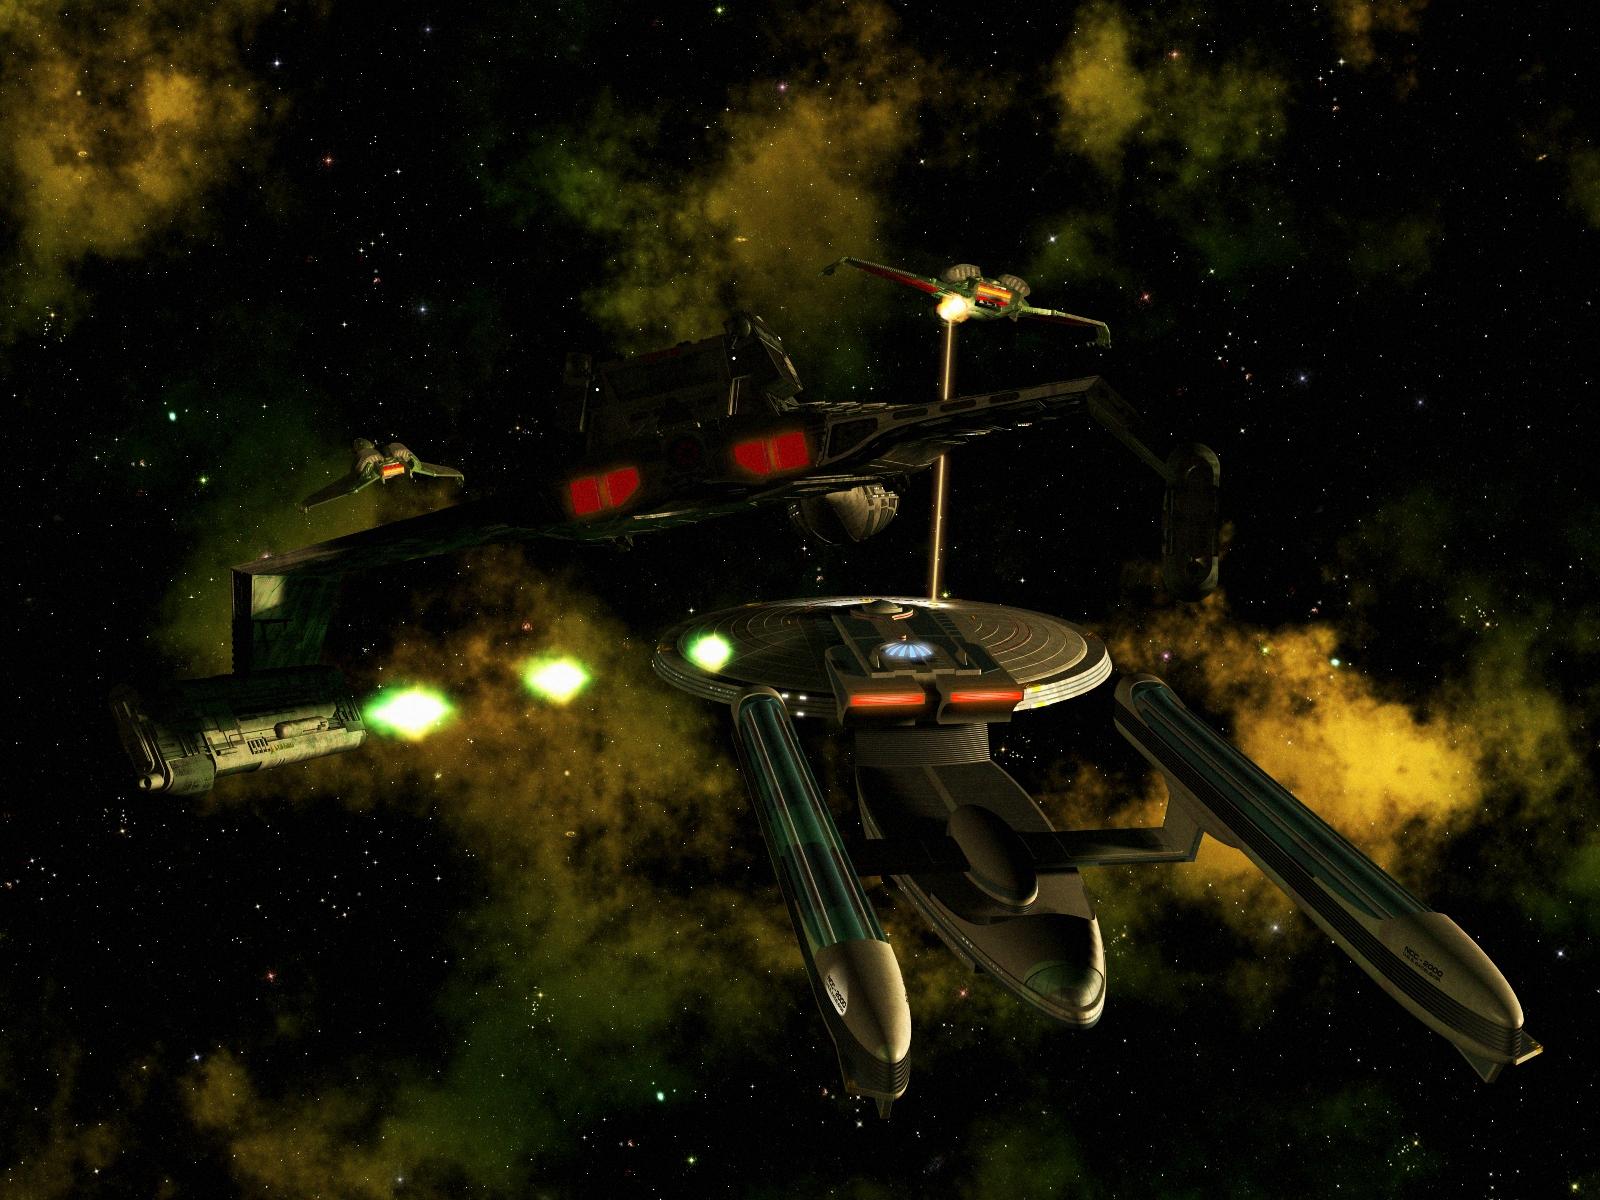 Sulu's war by davemetlesits